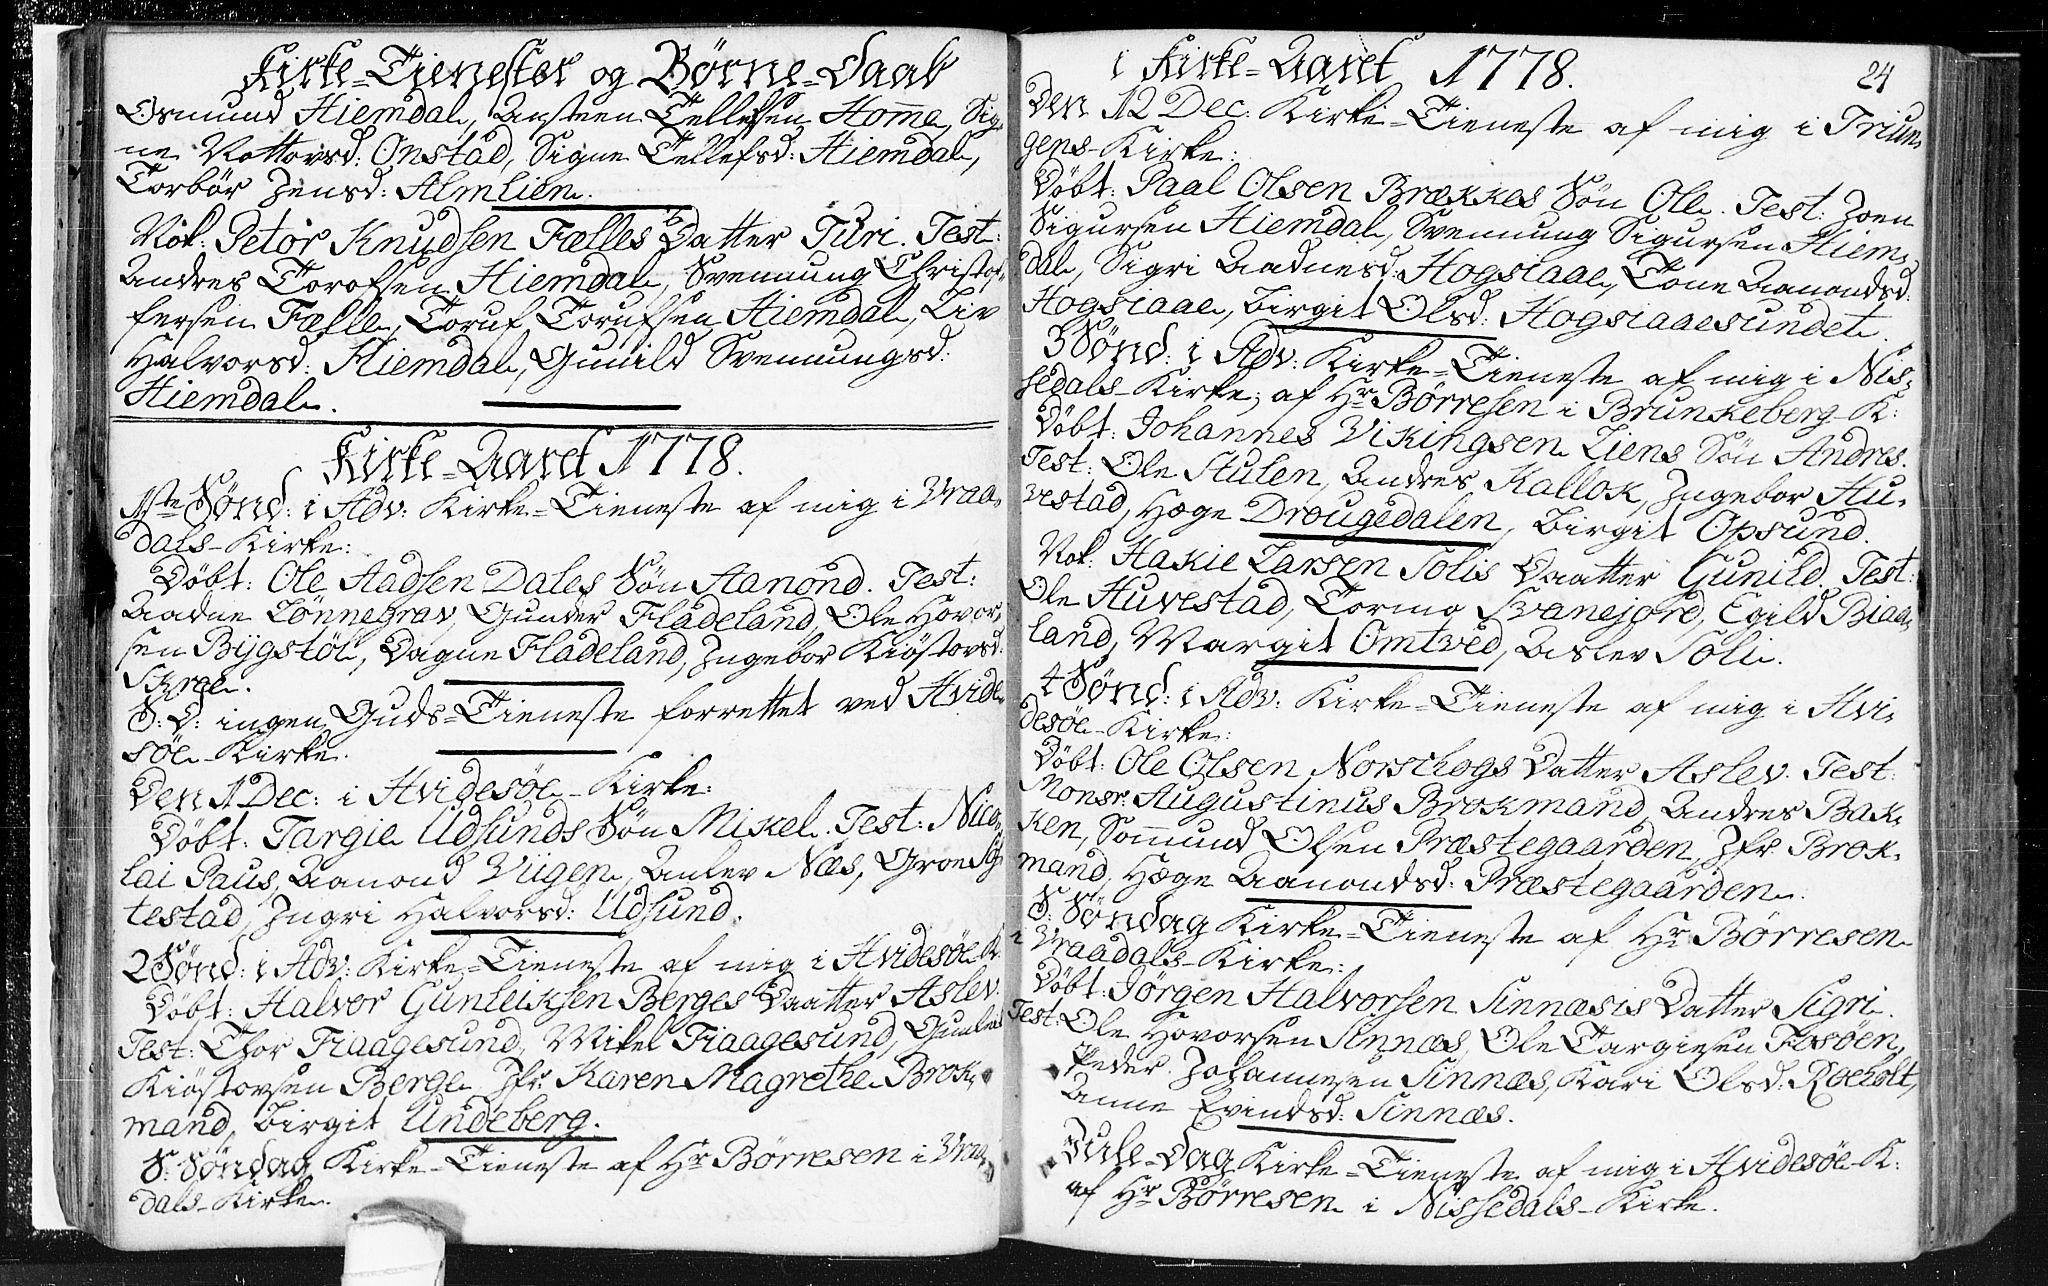 SAKO, Kviteseid kirkebøker, F/Fa/L0002: Ministerialbok nr. I 2, 1773-1786, s. 24